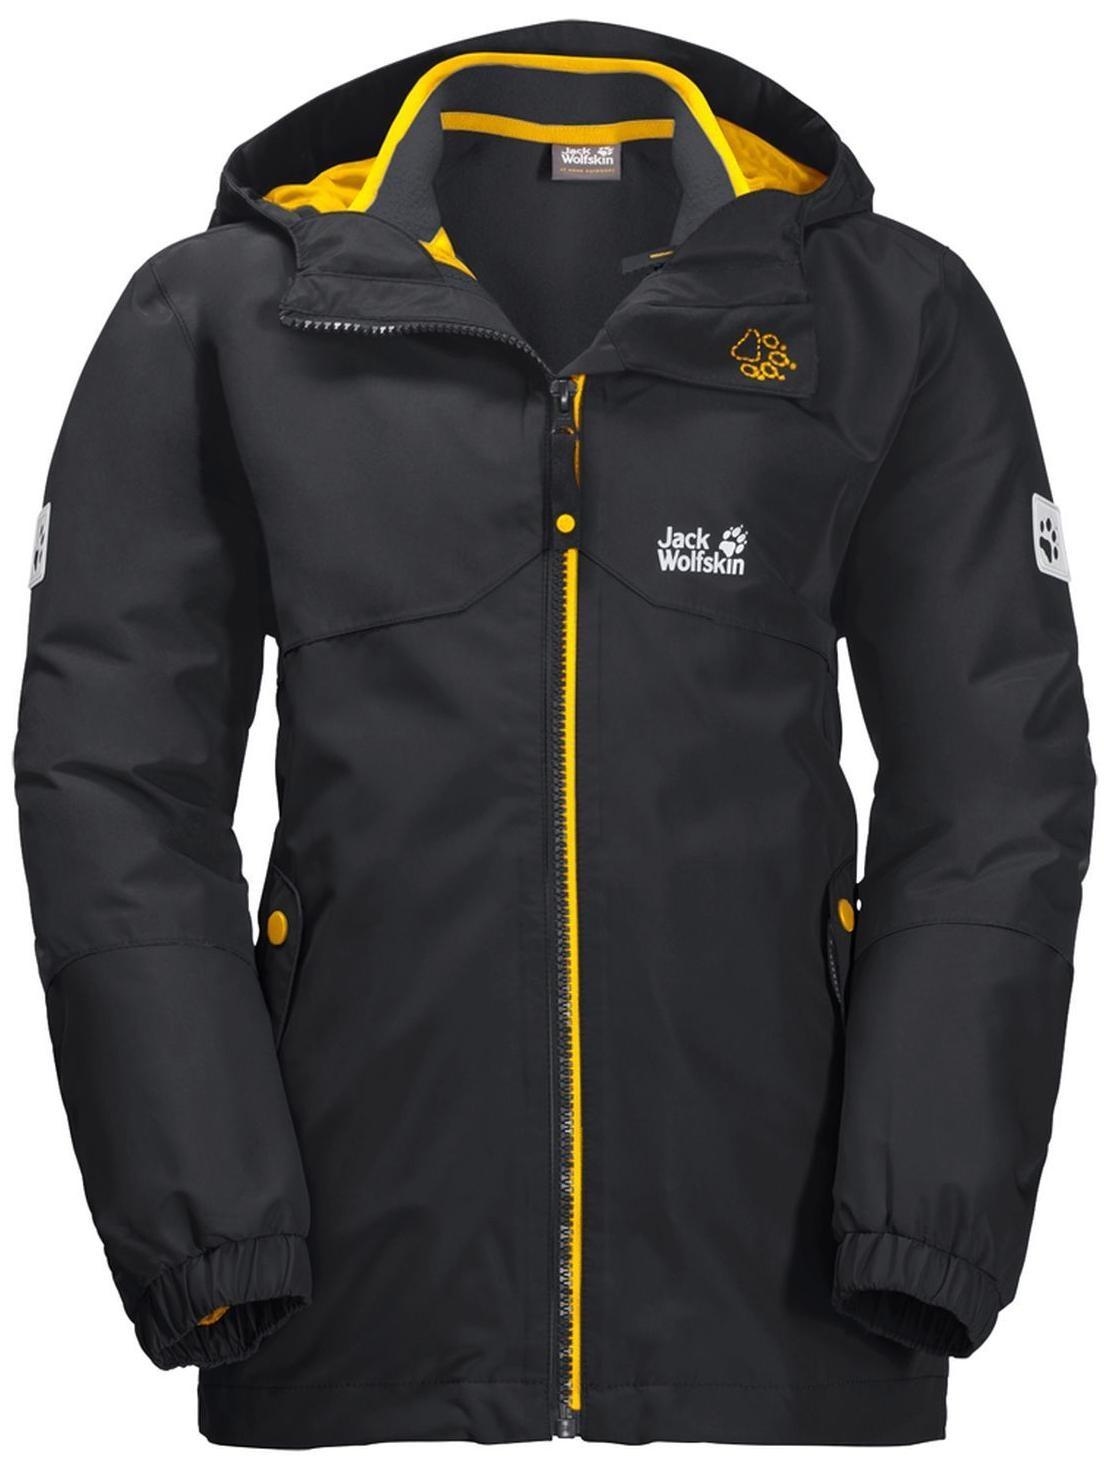 Jack Wolfskin Kinder Iceland 3in1 Jacket im Biwak Onlineshop